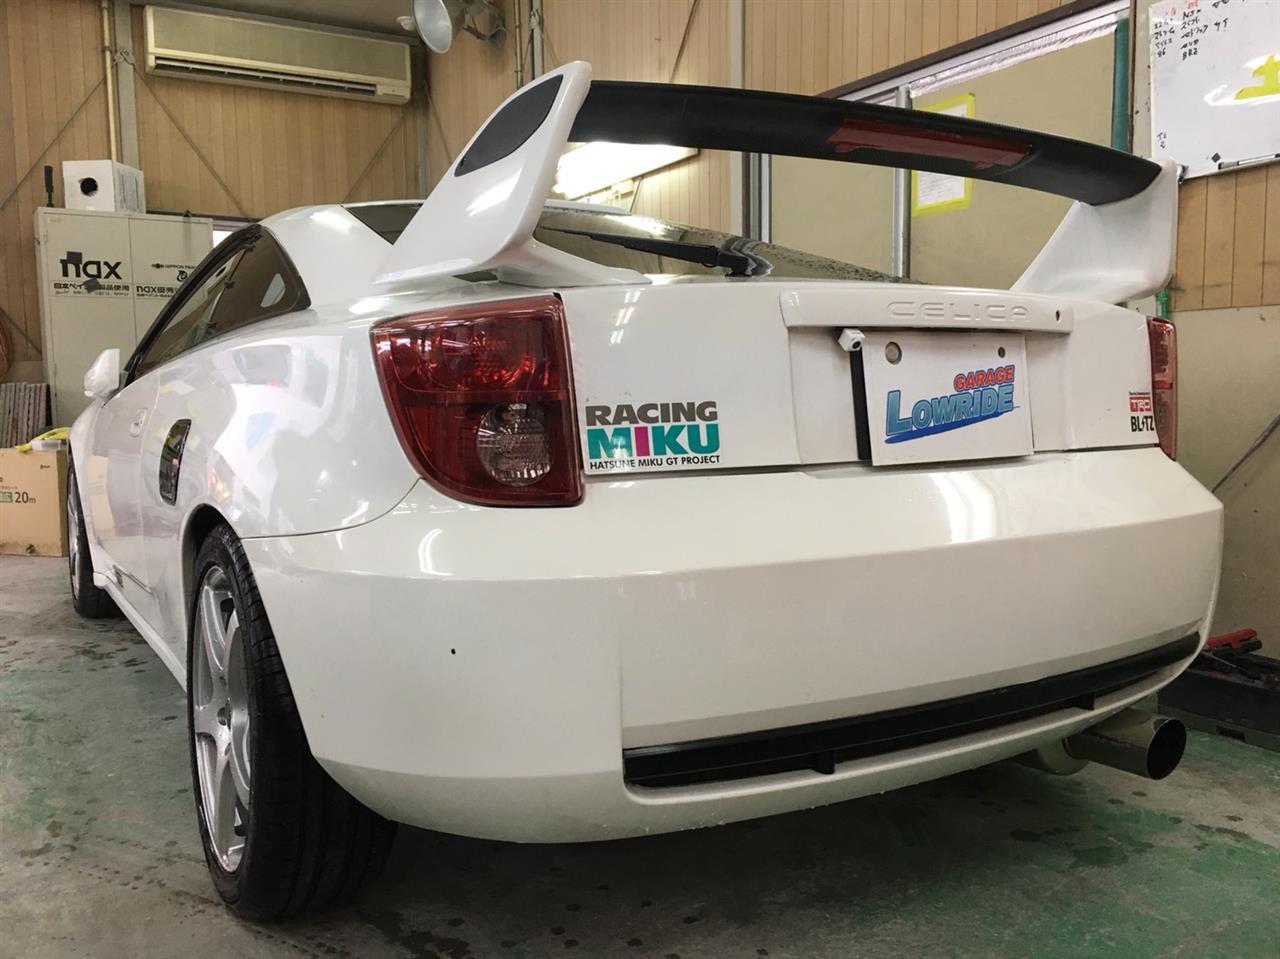 立川市の車の板金塗装修理工場 ガレージローライドの持込品エアロパーツ塗装・取り付けです。